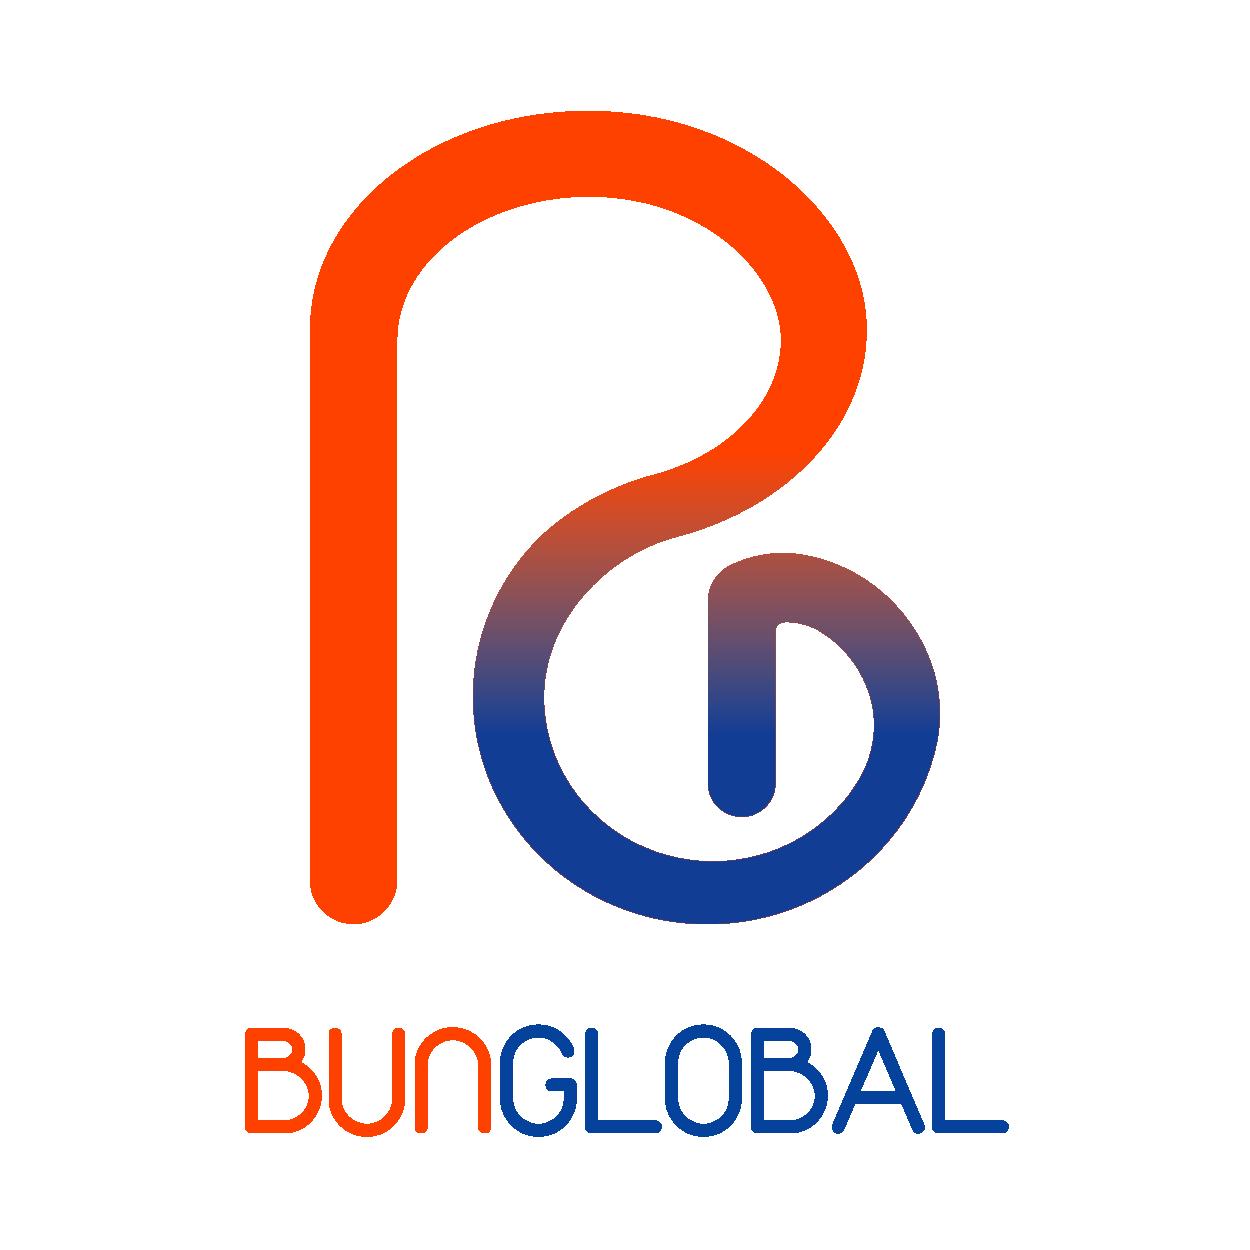 Bunglobal